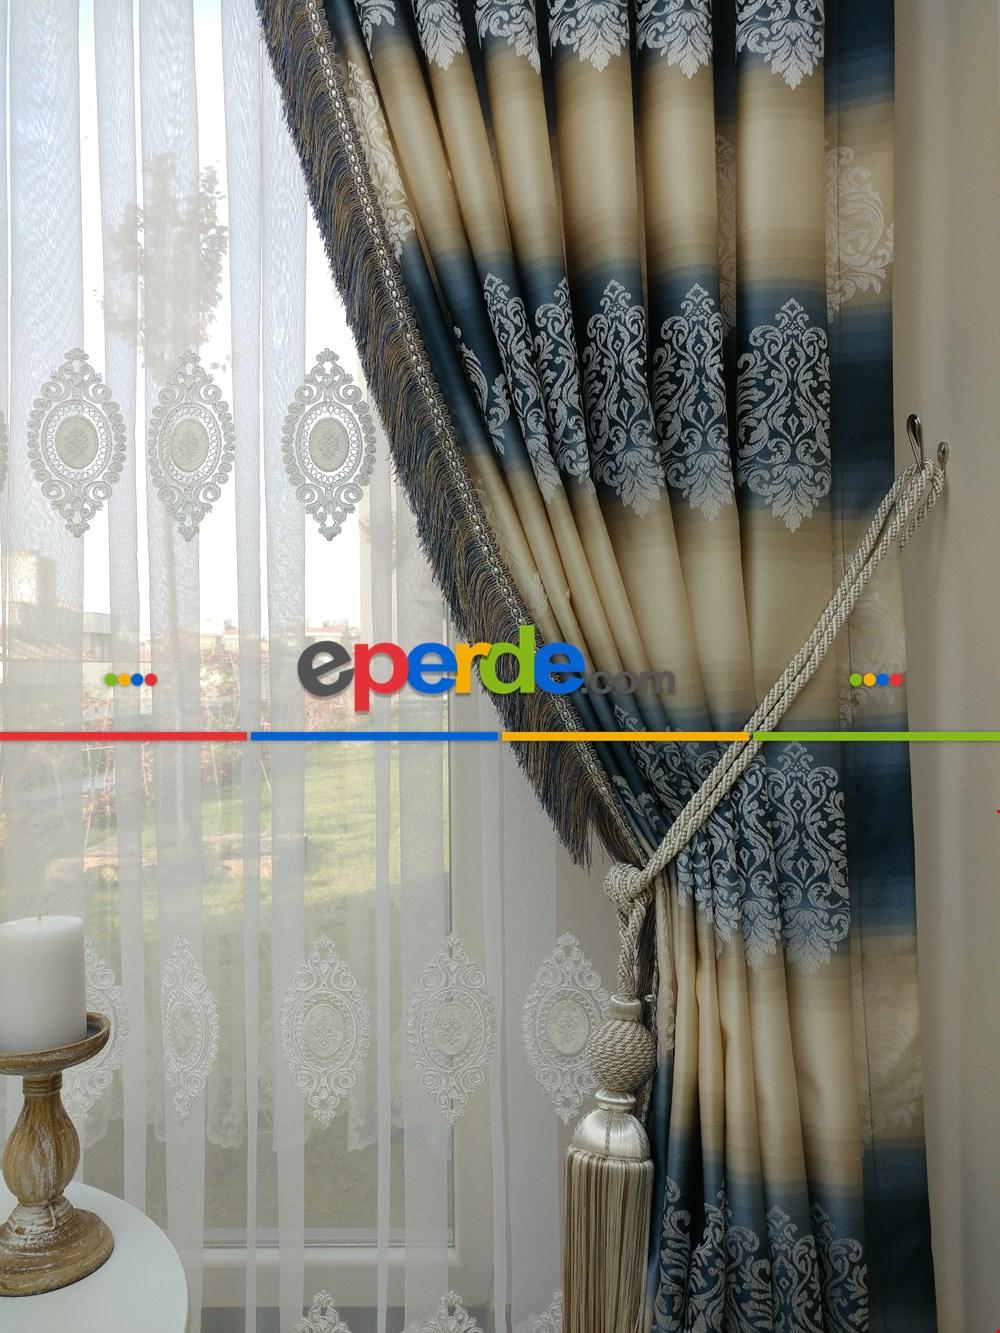 Renk Geçişli Jakar Desenli Salon Fon Perdesi - Lacivert - Mavi - Bej Lacivert - Mavi - Bej